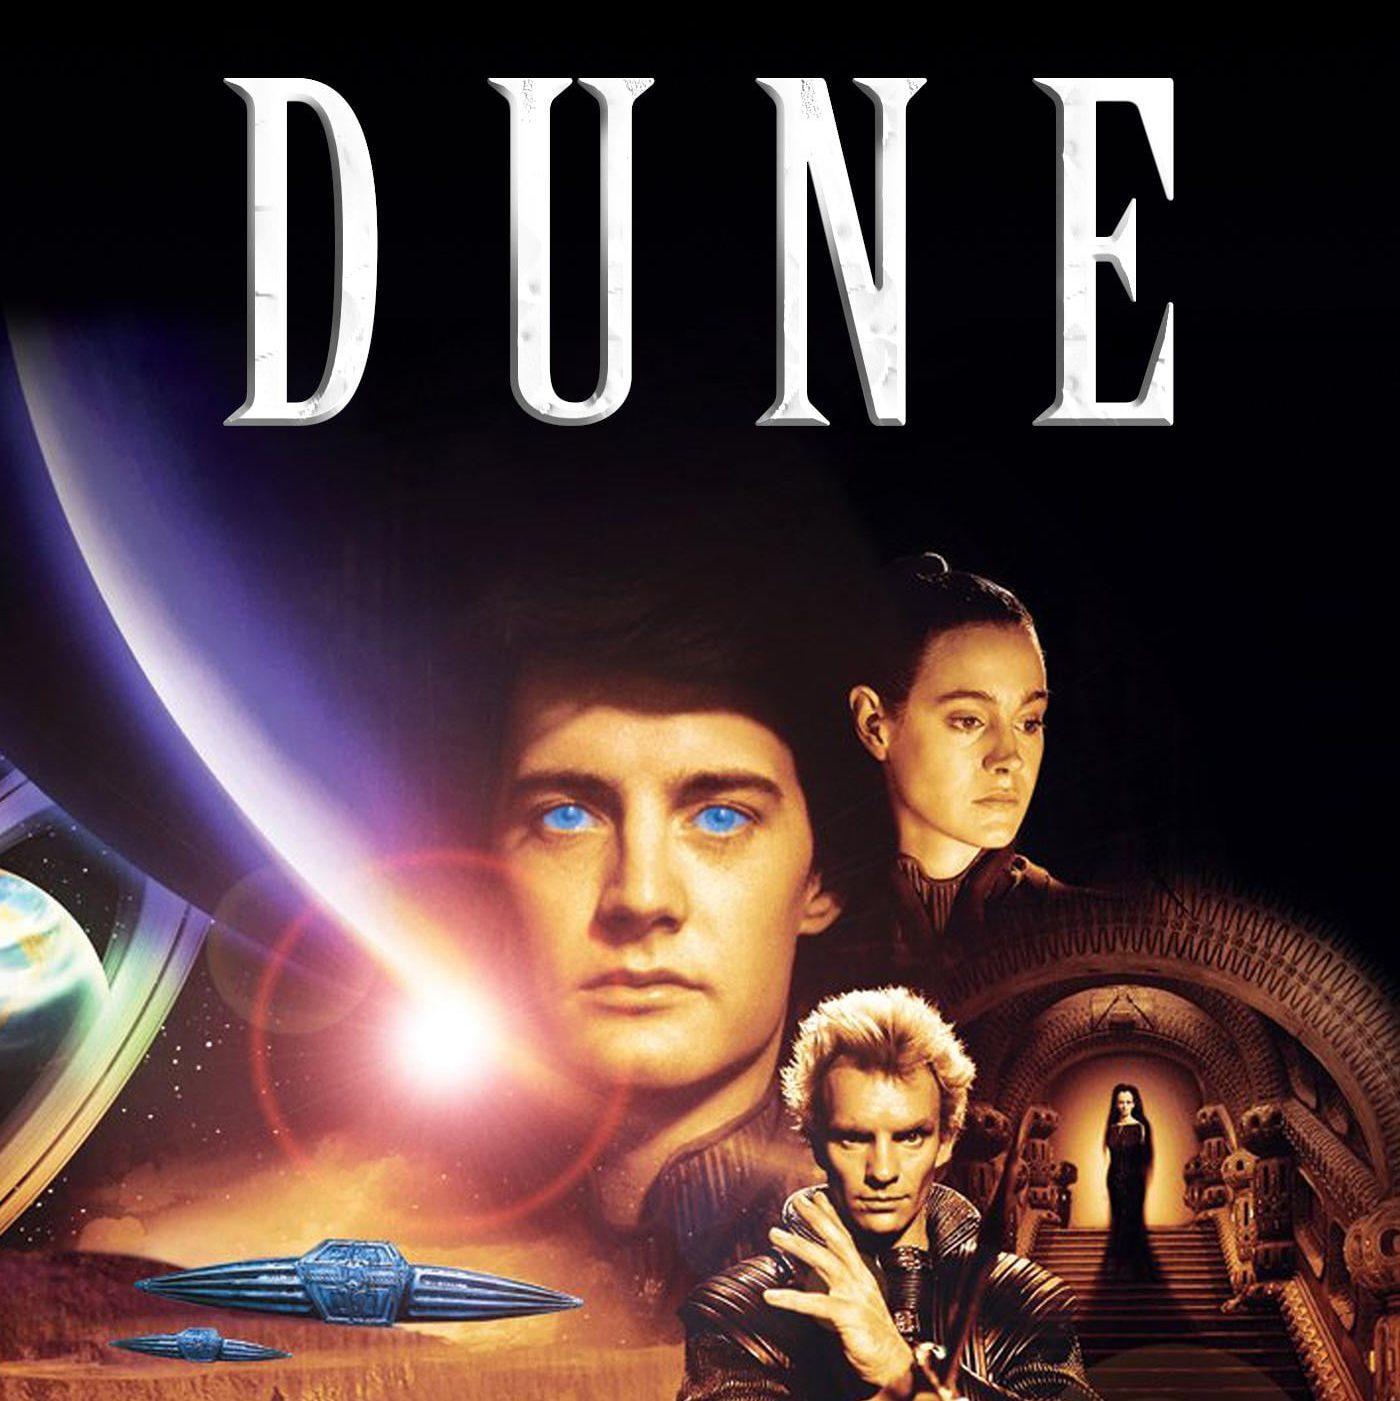 """DUNE """"Der Wüstenplanet"""" von David Lynch auf Arte.tv ab 9.8. bis 15.8. gratis anschauen -Science Fiction-"""